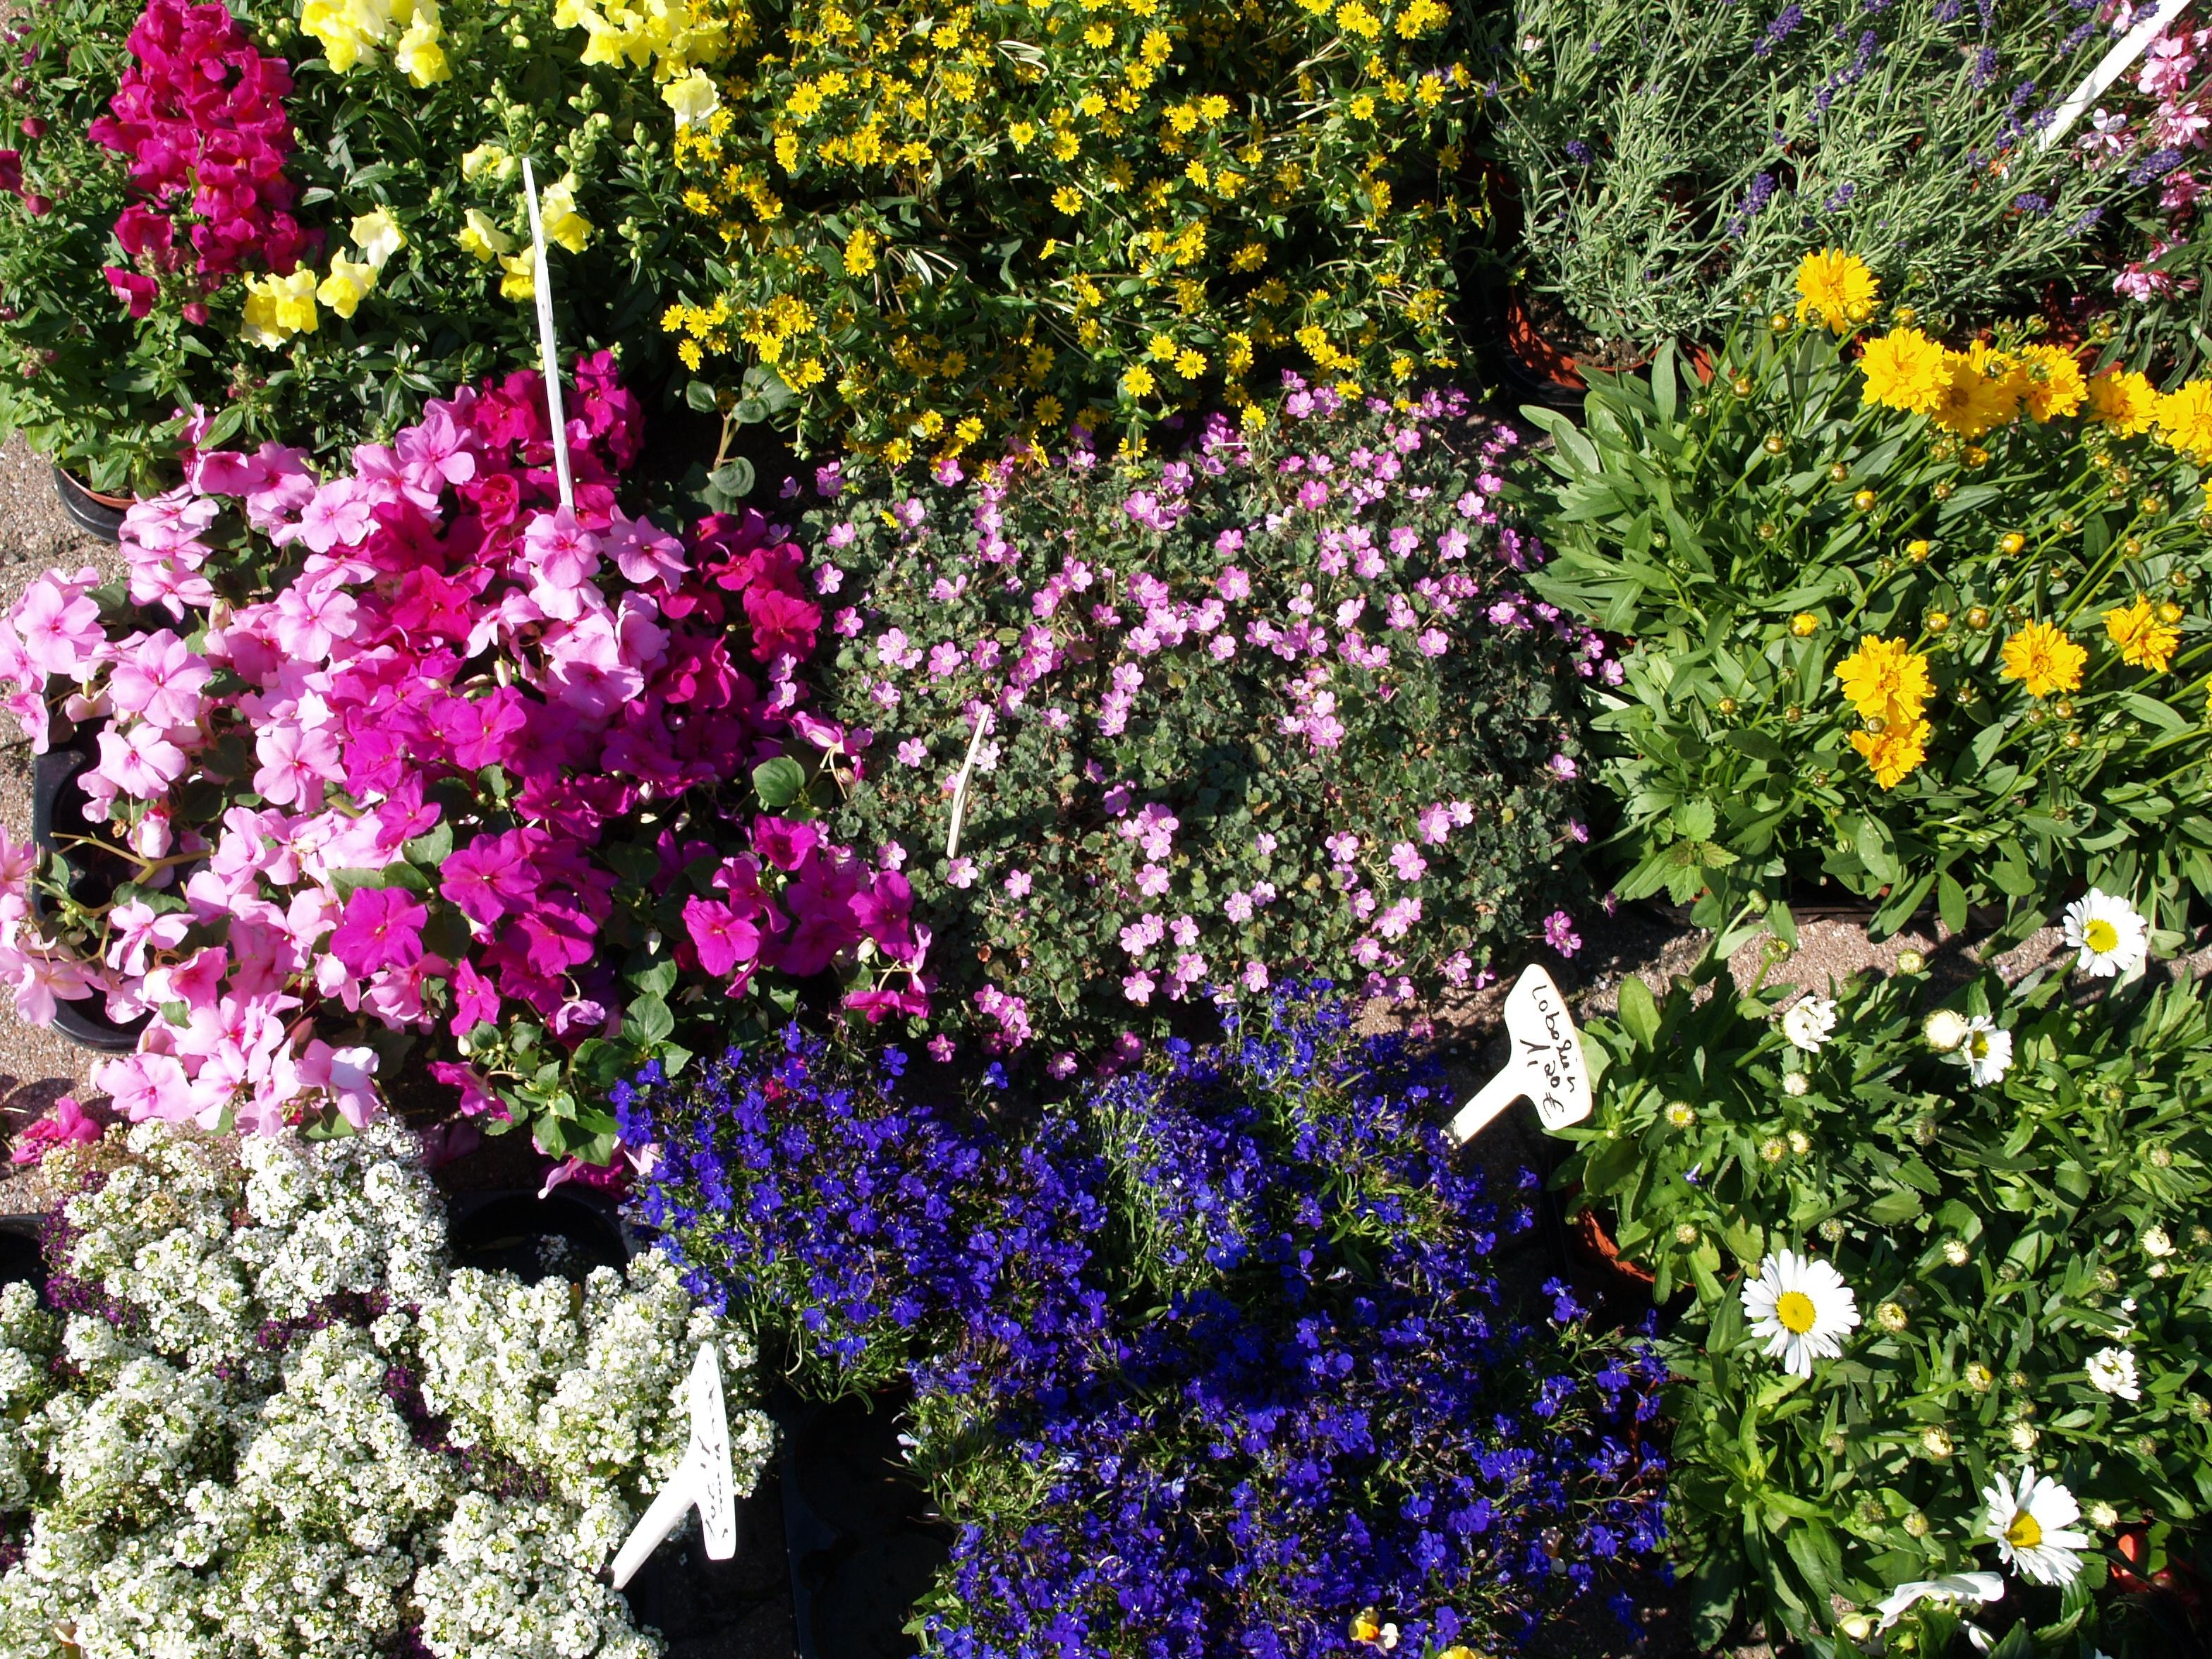 Blumenkisten